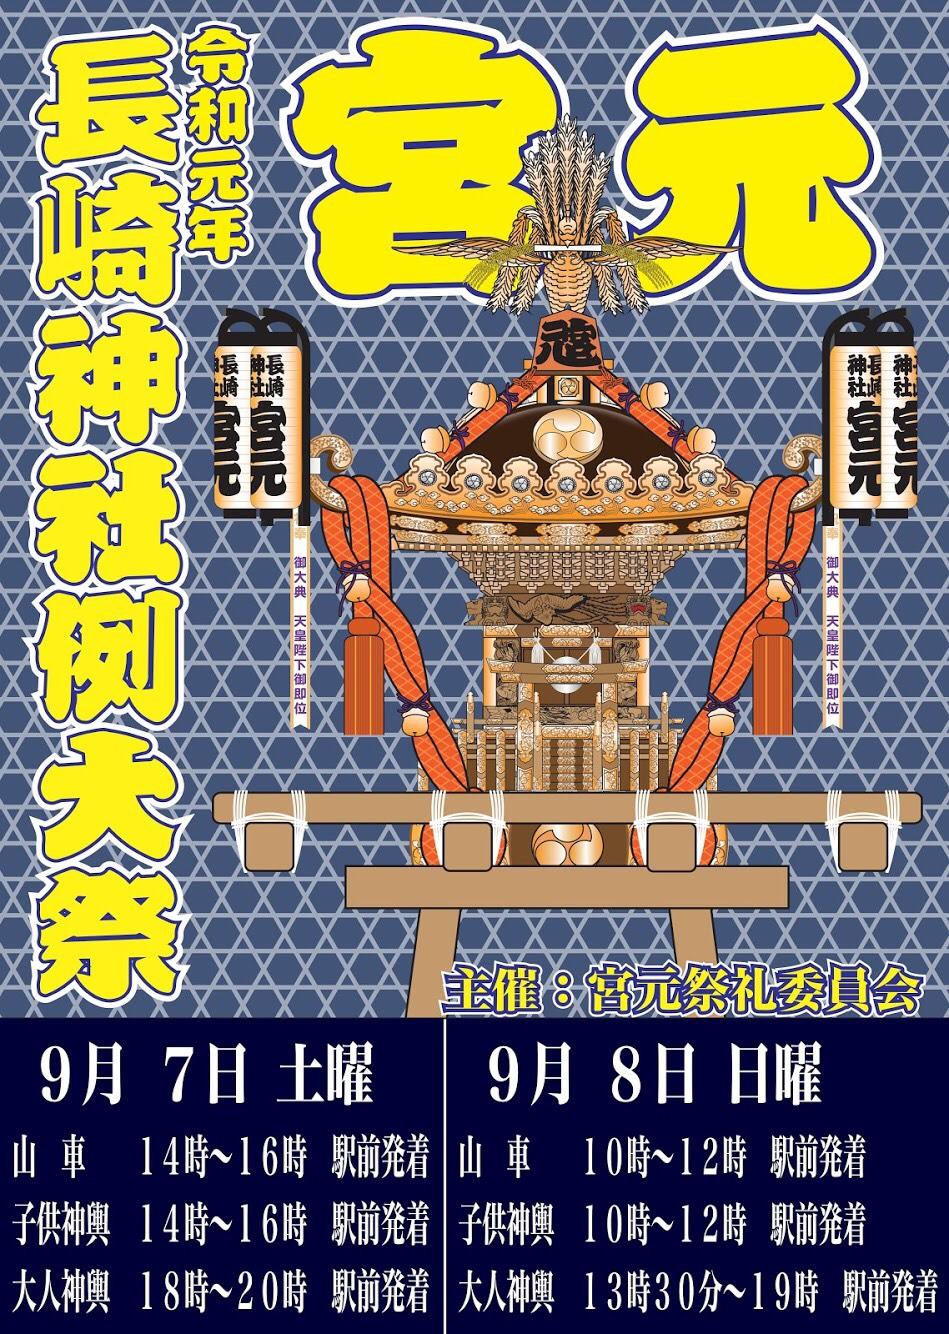 【開催告知】長崎神社例大祭(椎名町夏祭り)2019年9月7日(土)~9月8日(日)